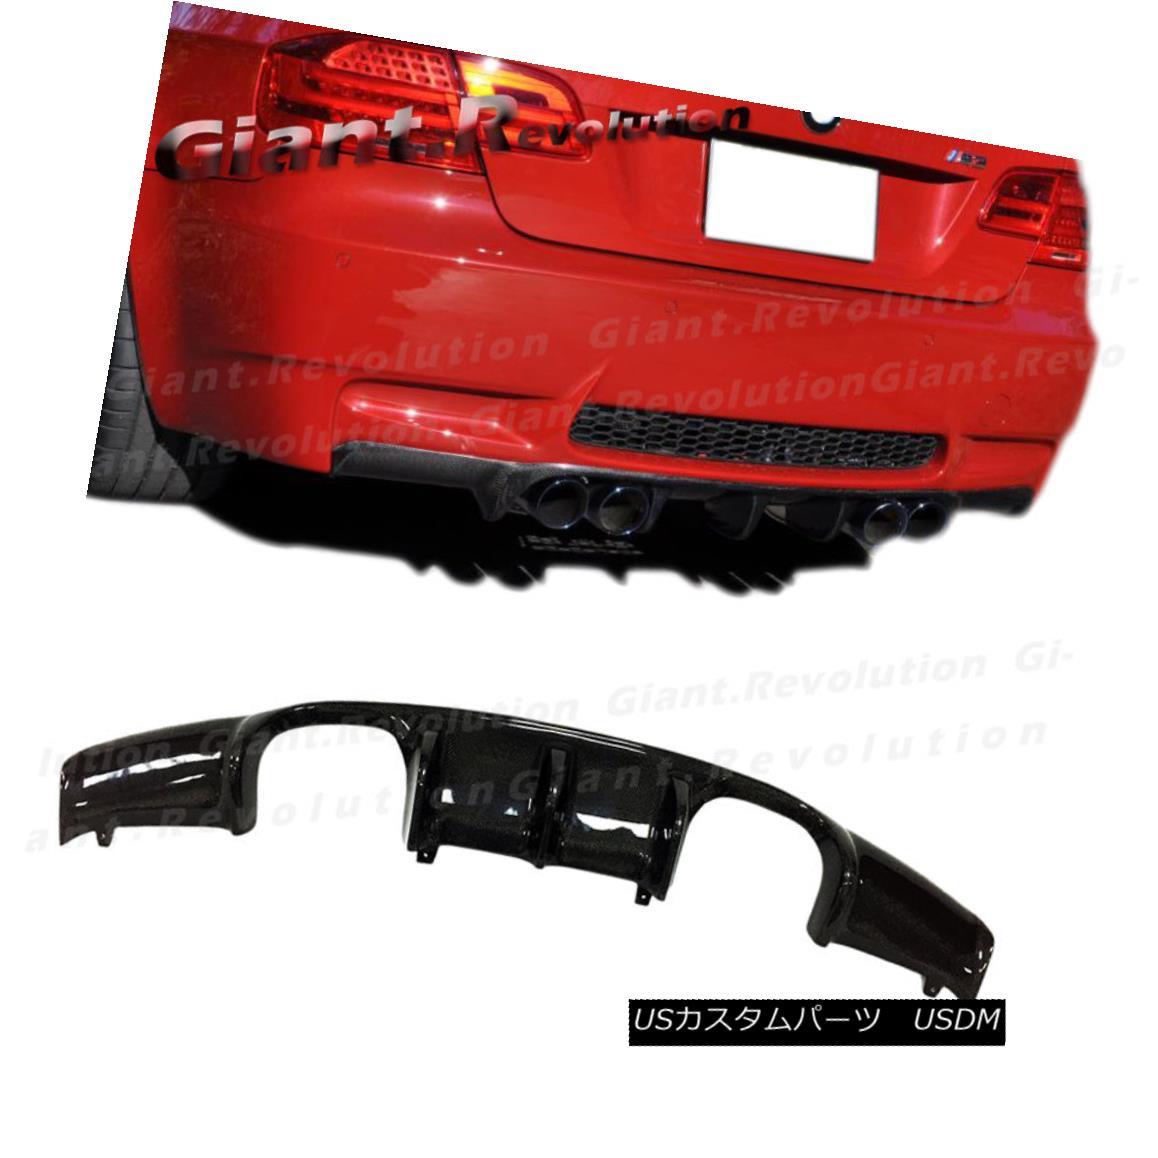 エアロパーツ For エアロパーツ 2008-2013 E92 Body E93 M3 Bumper Tune Diffuser Body Kit AK Look Carbon Fiber Rear Diffuser 2008-2013 E92 E93 M3バンパーチューンボディキットAKルックカーボンファイバーリアディフューザー, BATON:d2011de3 --- officewill.xsrv.jp